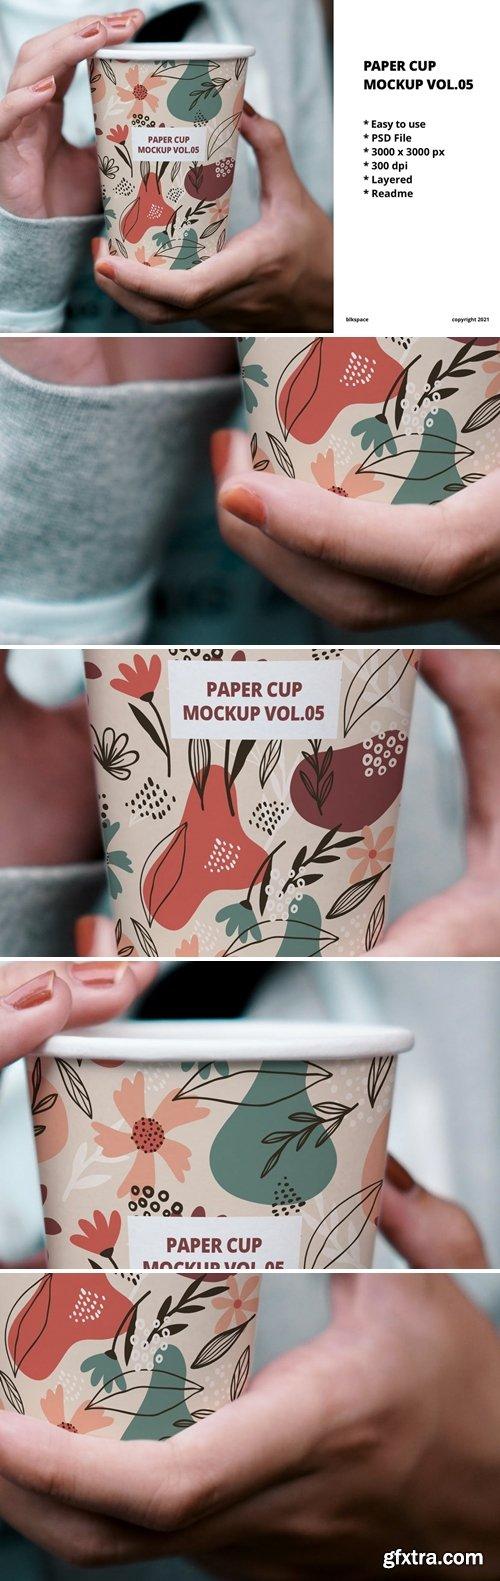 Paper Cup Mockup Vol.05